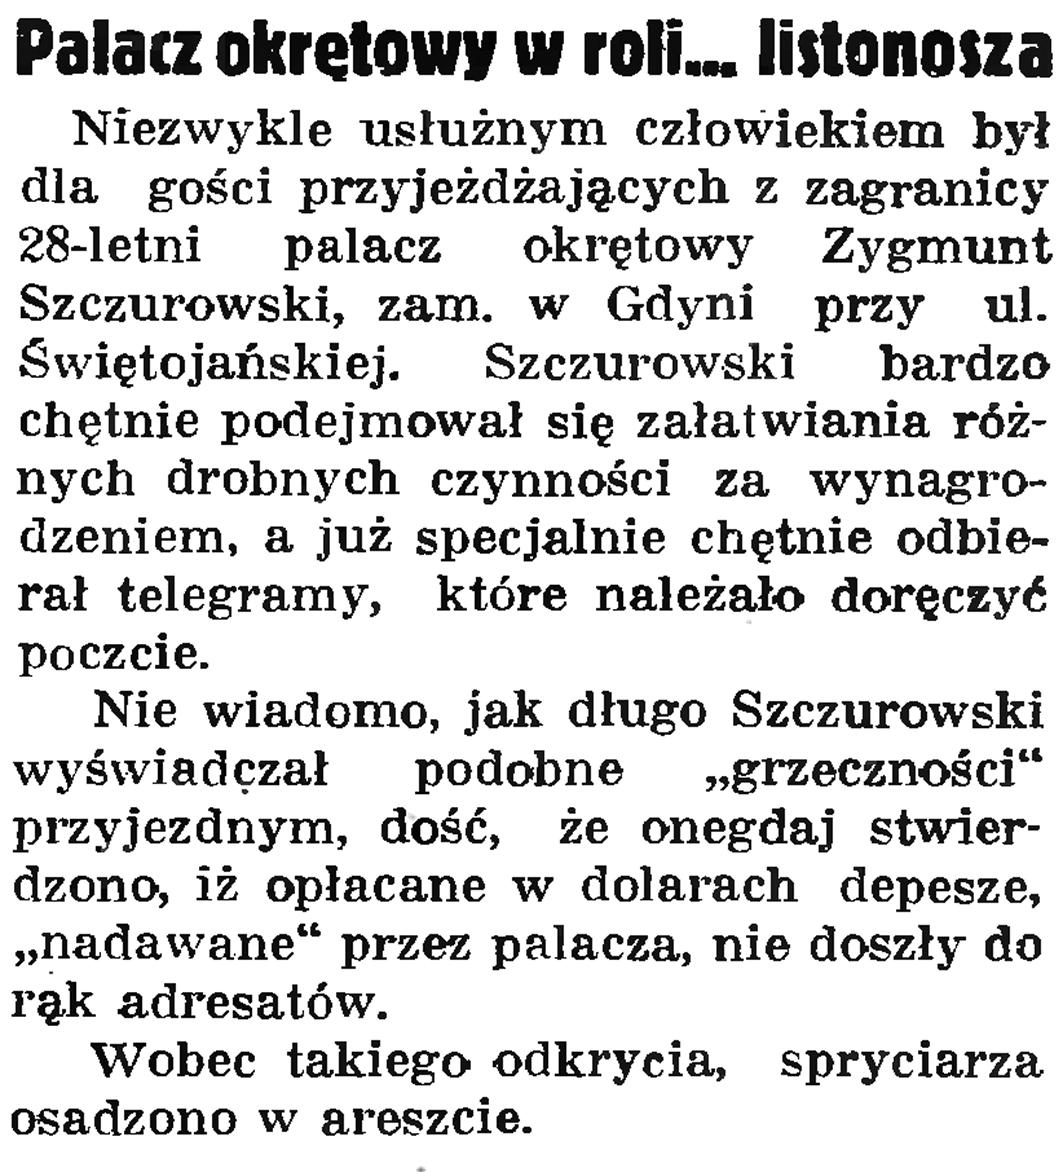 Palacz okrętowy w roli ... listonosza // Gazeta Gdańska. - 1937, nr 152, s. 8